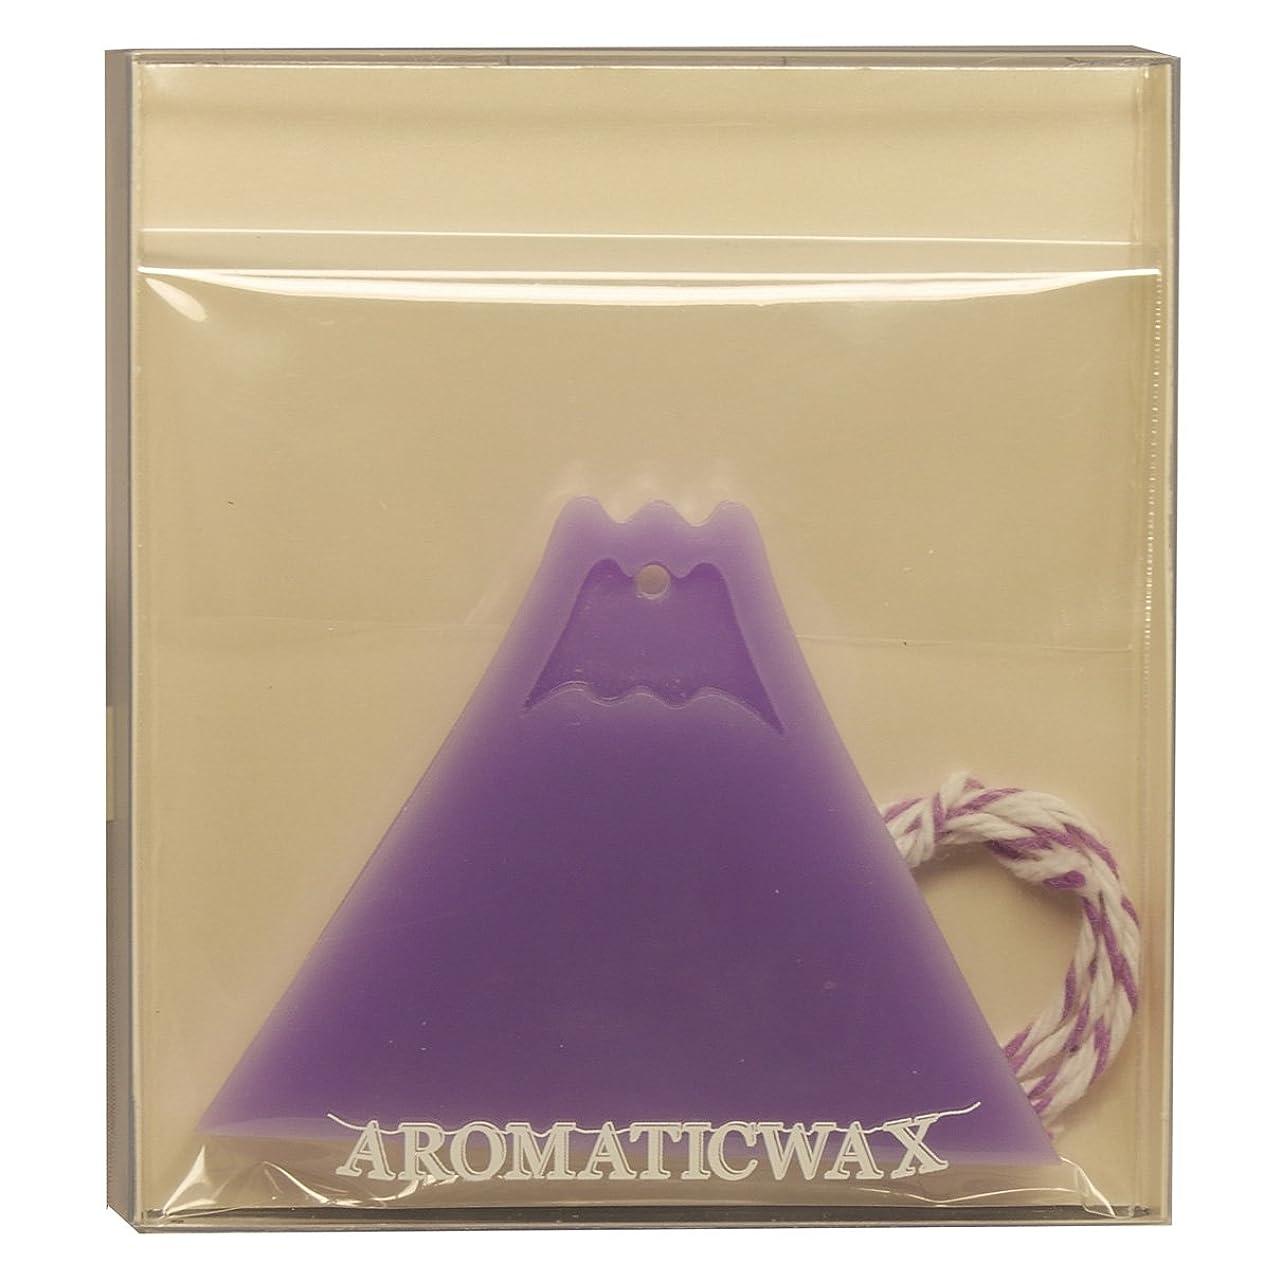 置き場お風呂を持っている刺繍GRASSE TOKYO AROMATICWAXチャーム「富士山」(PU) ラベンダー アロマティックワックス グラーストウキョウ